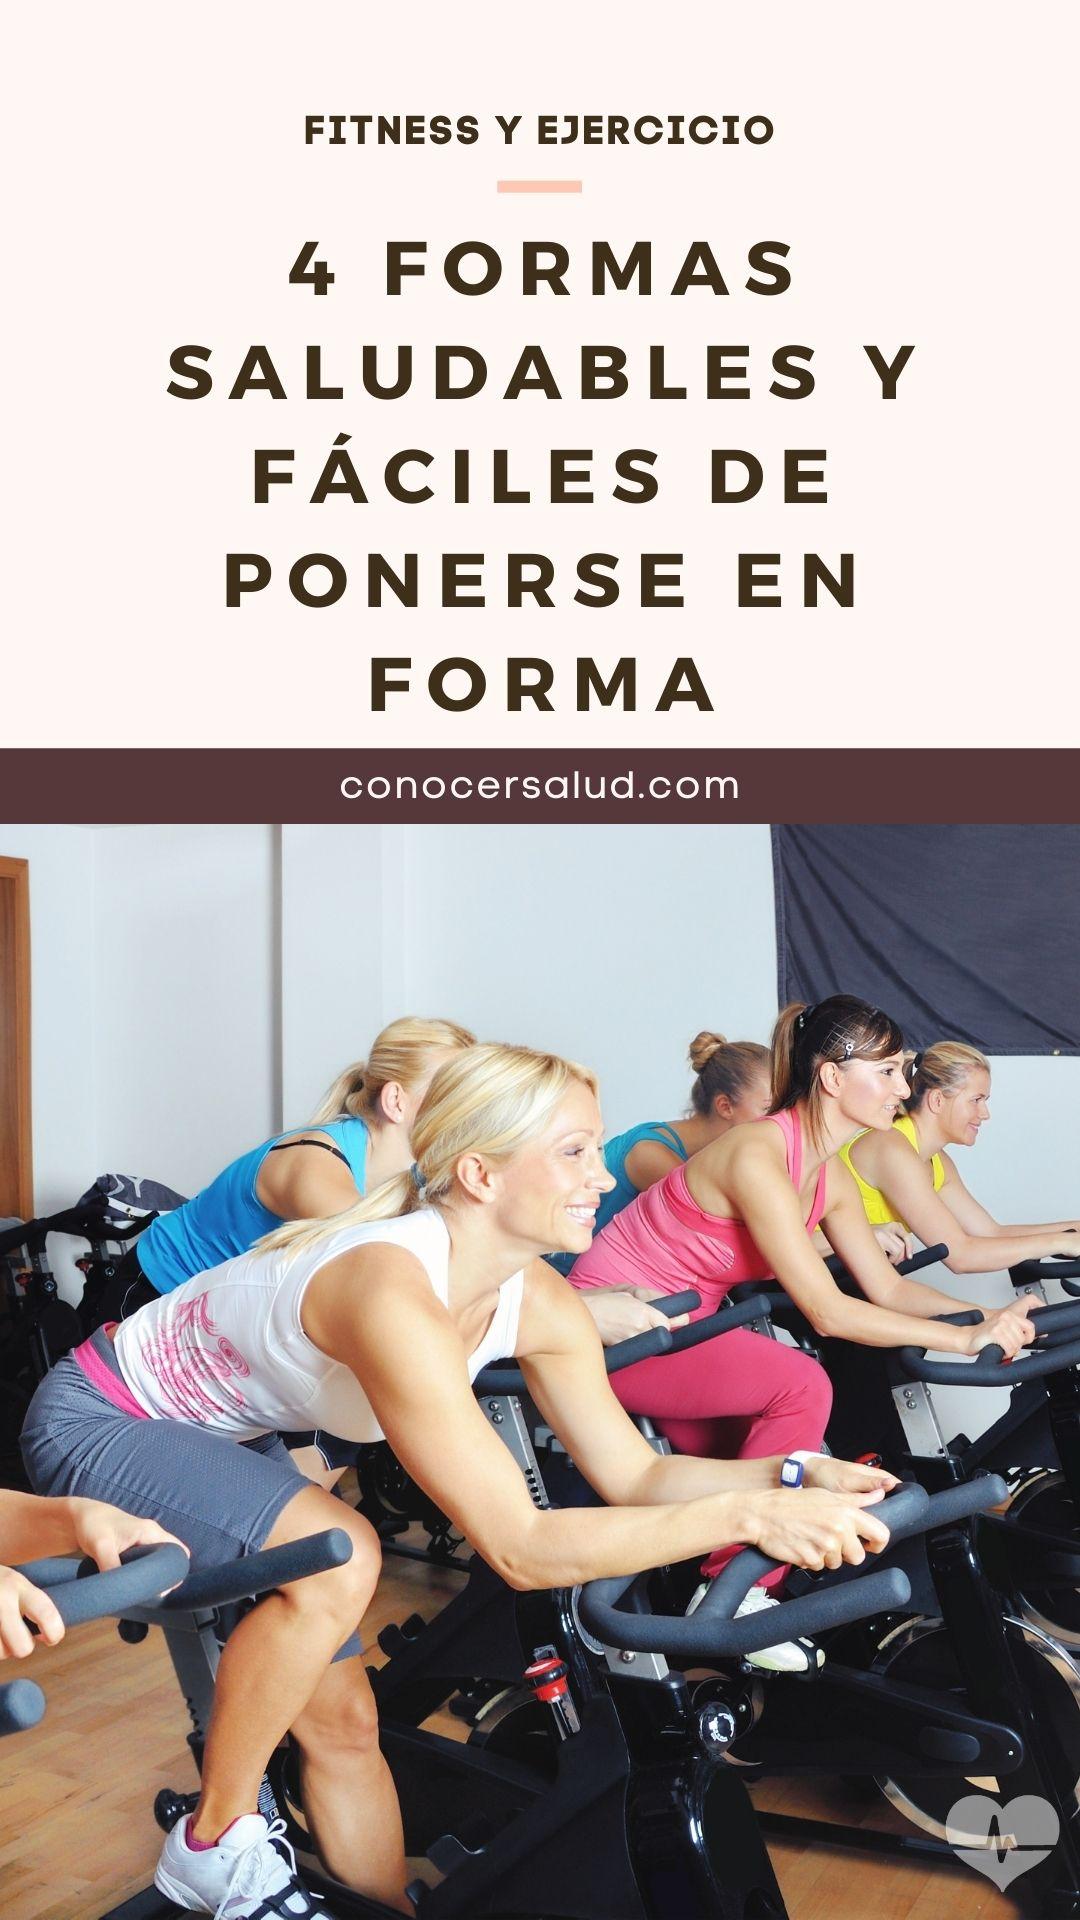 4 Formas saludables y fáciles de ponerse en forma